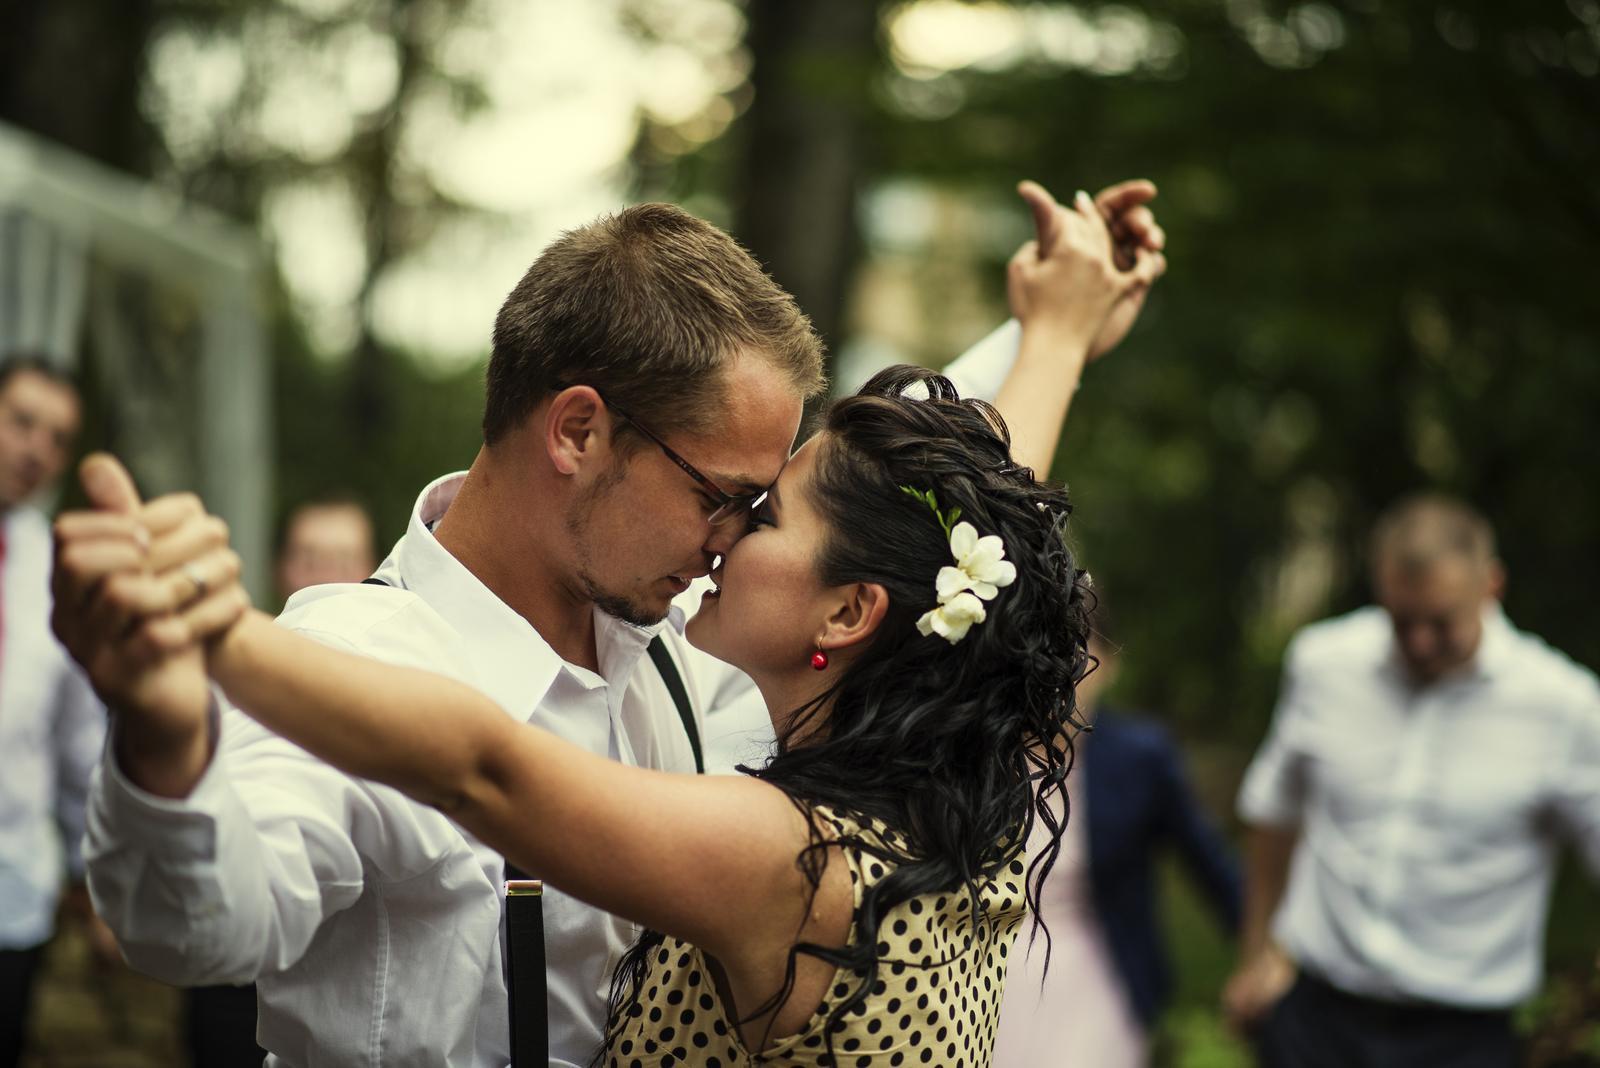 Dnes je to přesně 150 dní od svatby!!! :-) Hrozně to utíká! :-) - Obrázok č. 1